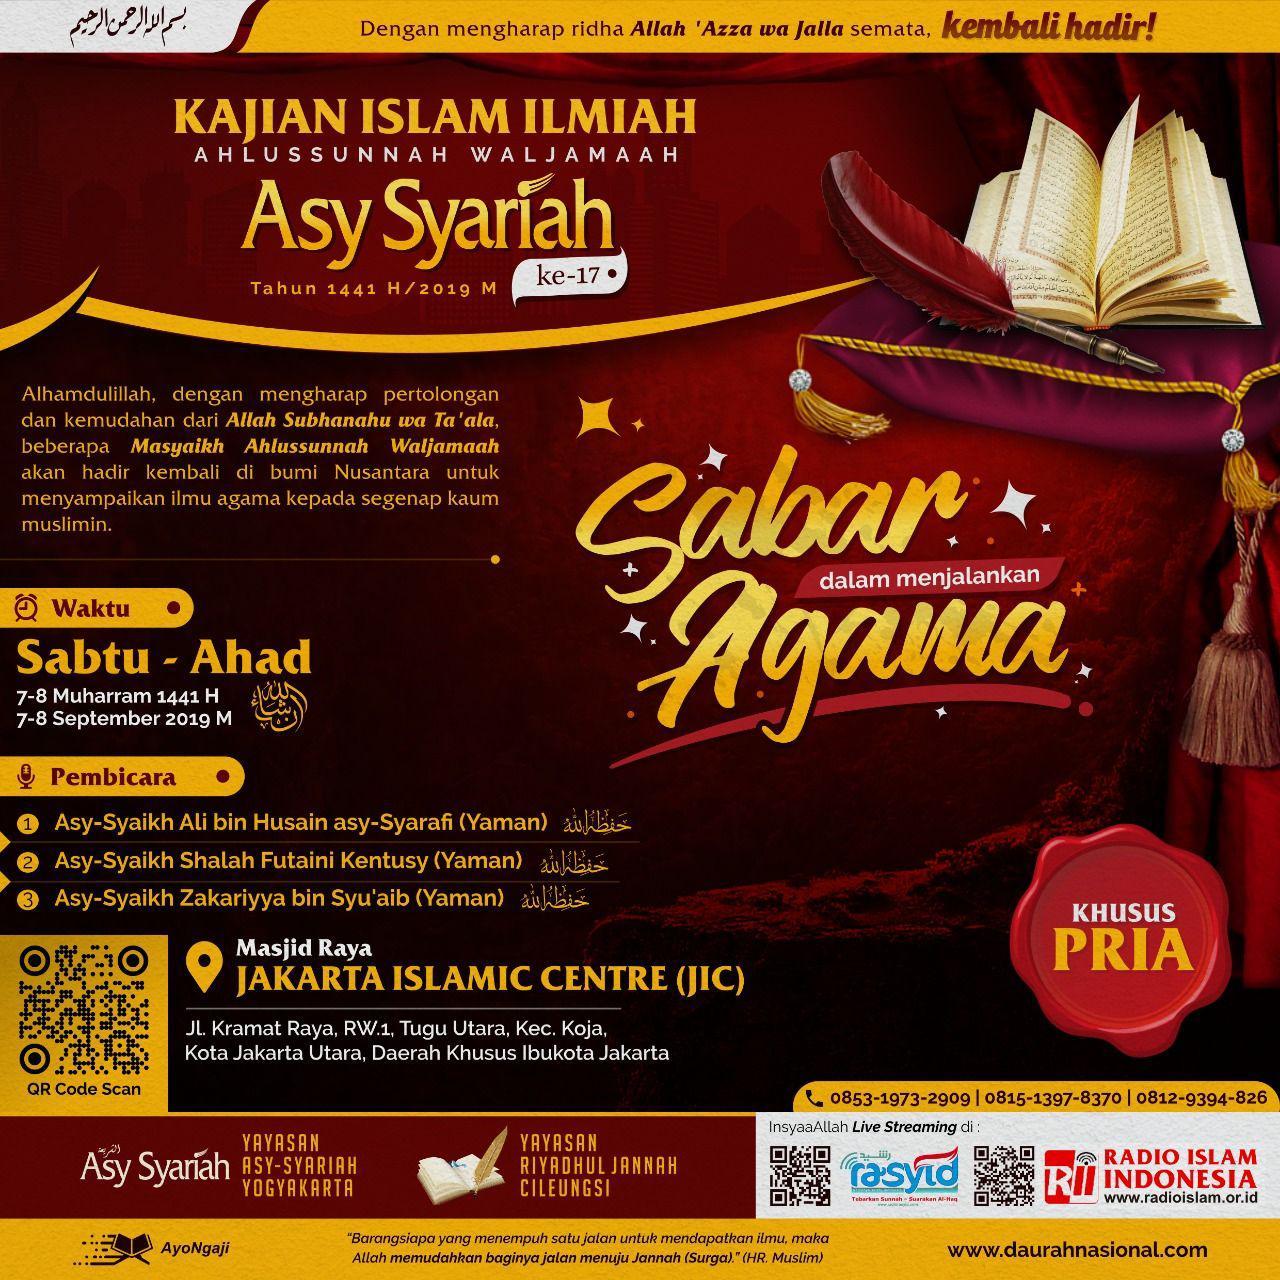 Info Daurah Nasional Asy Syariah 2019